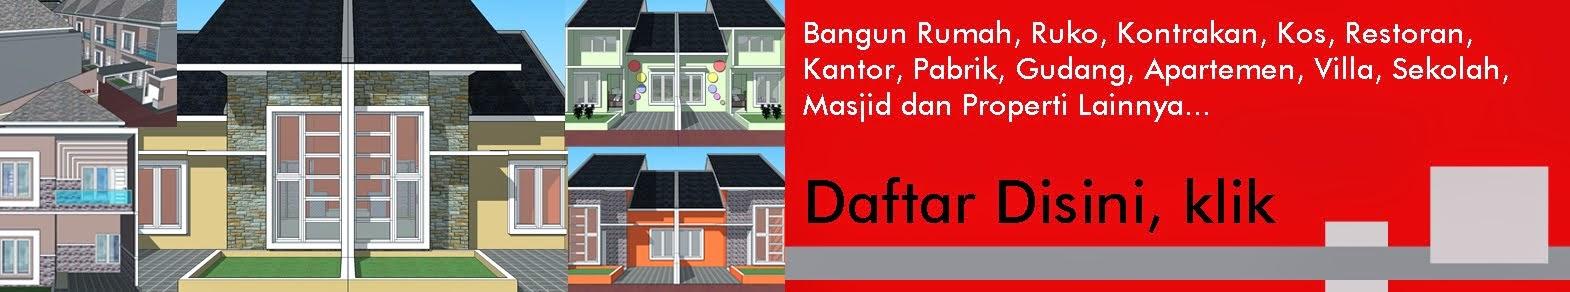 DAFTAR BANGUN PROPERTI ONLINE